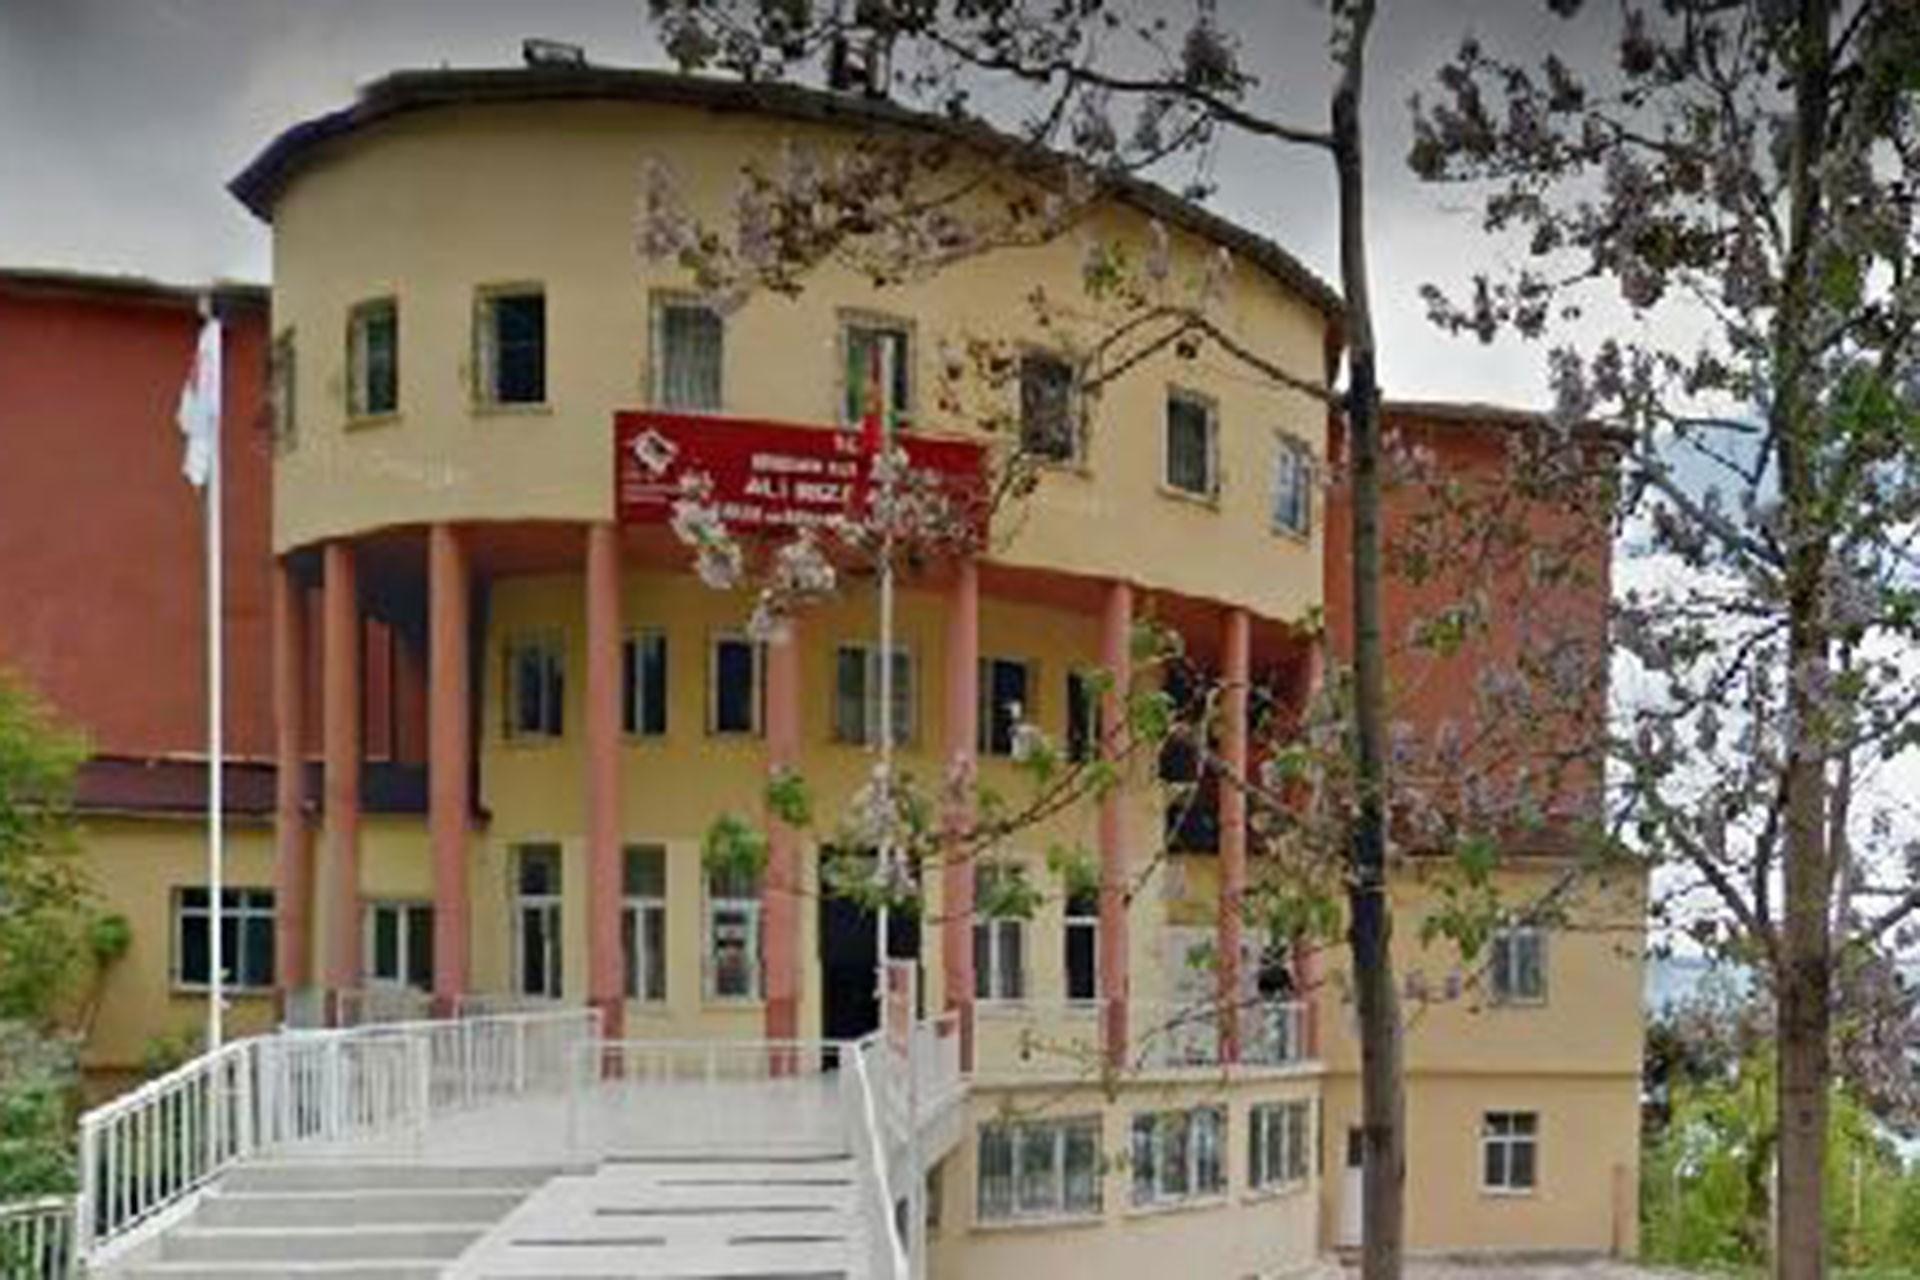 Ali Rıza Alıçlı Bakım ve Rehabilitasyon Merkezi